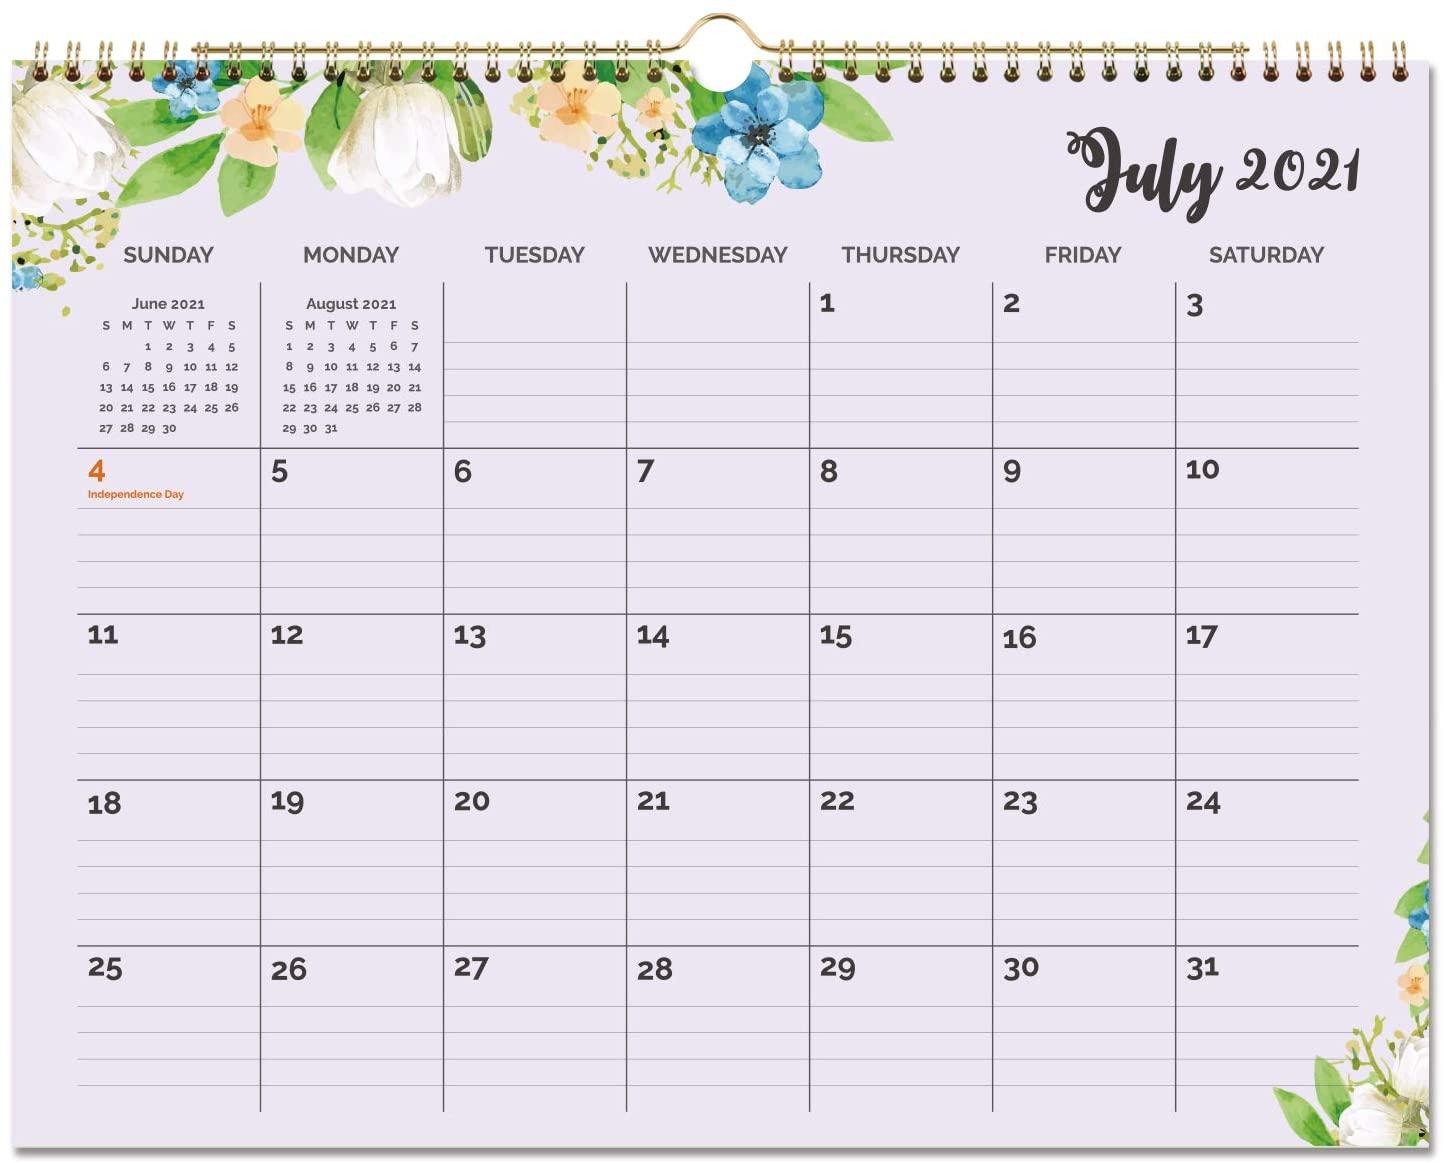 2020-2021 Calendar - 18 Months Floral Wall Calendar, Jan 2020-Jun 2021, 15